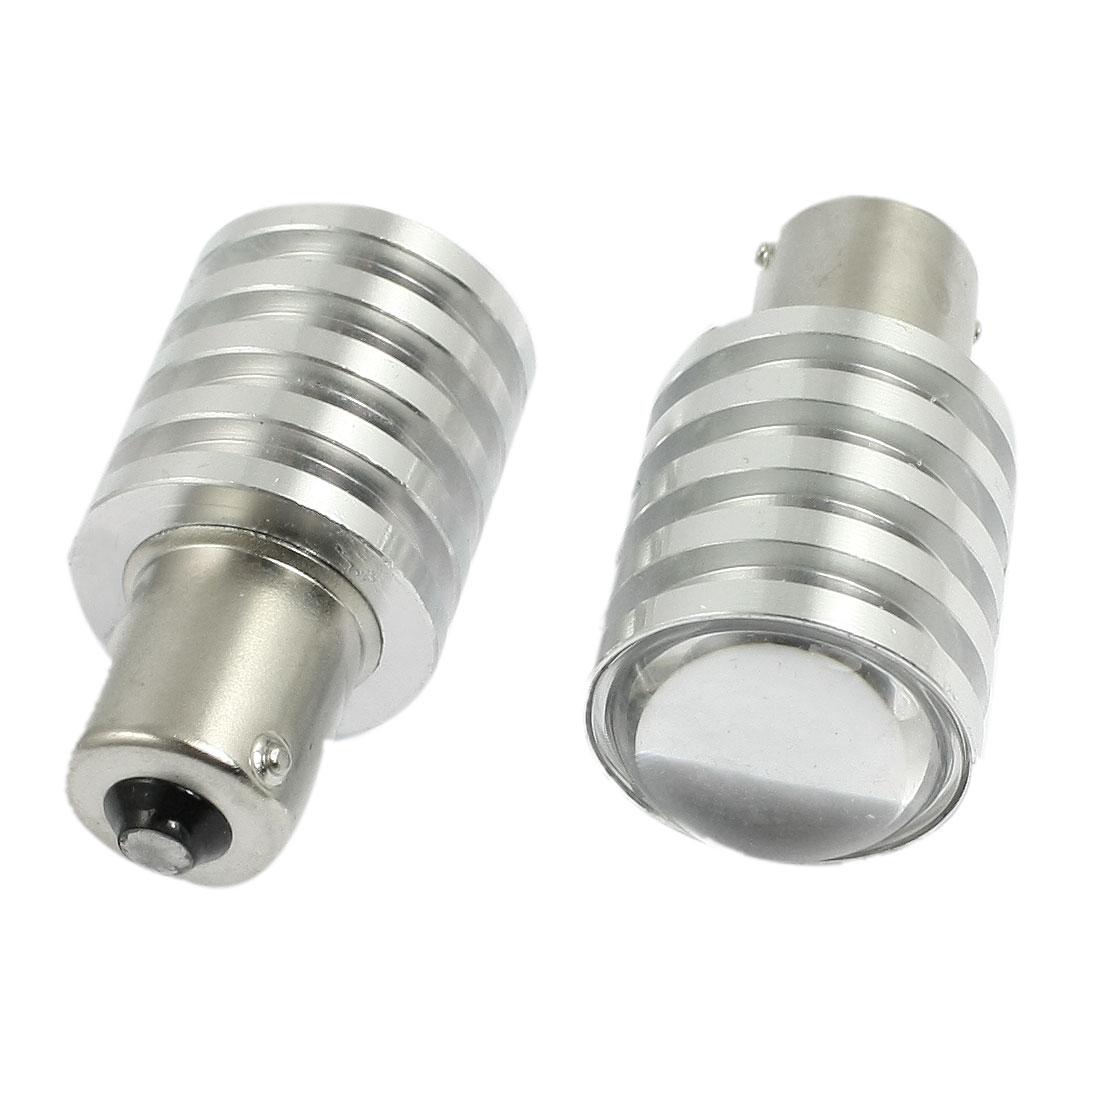 2 Pcs Car 1156 BA15S P21W White LED Light Bulb Rear Turn Brake Tail Lamp